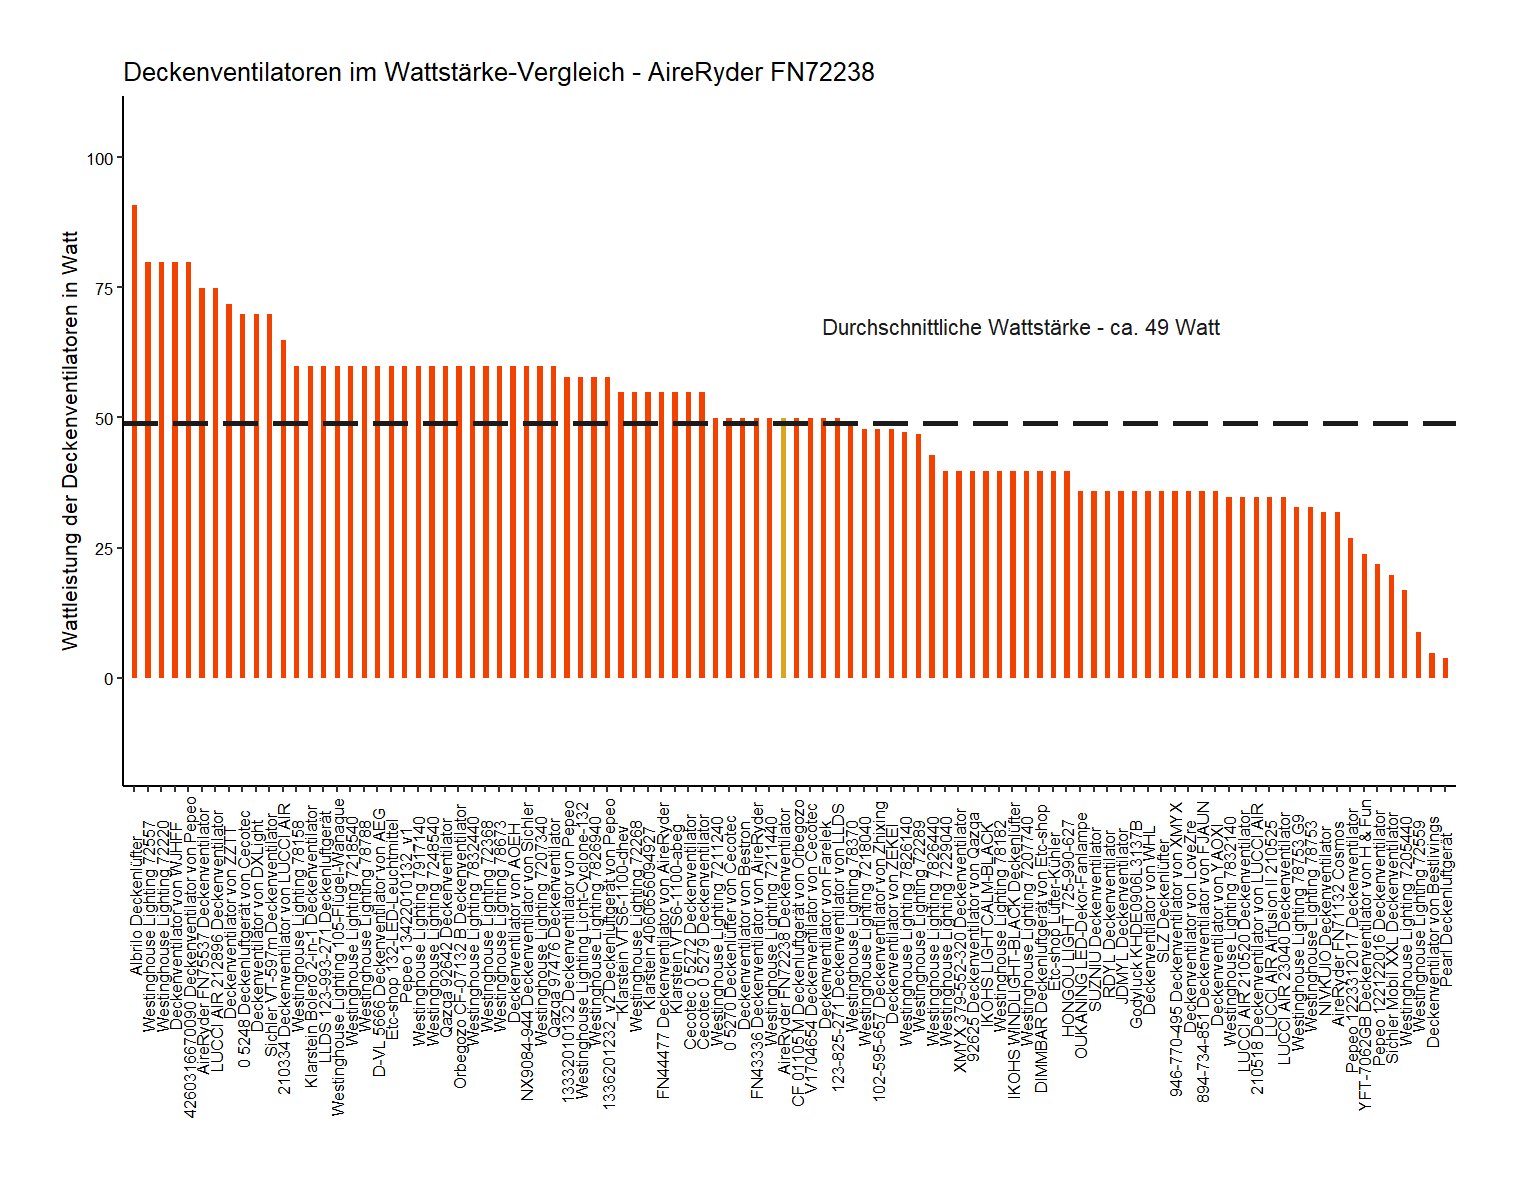 Wattstärke-Vergleich von dem AireRyder Deckenventilator FN72238